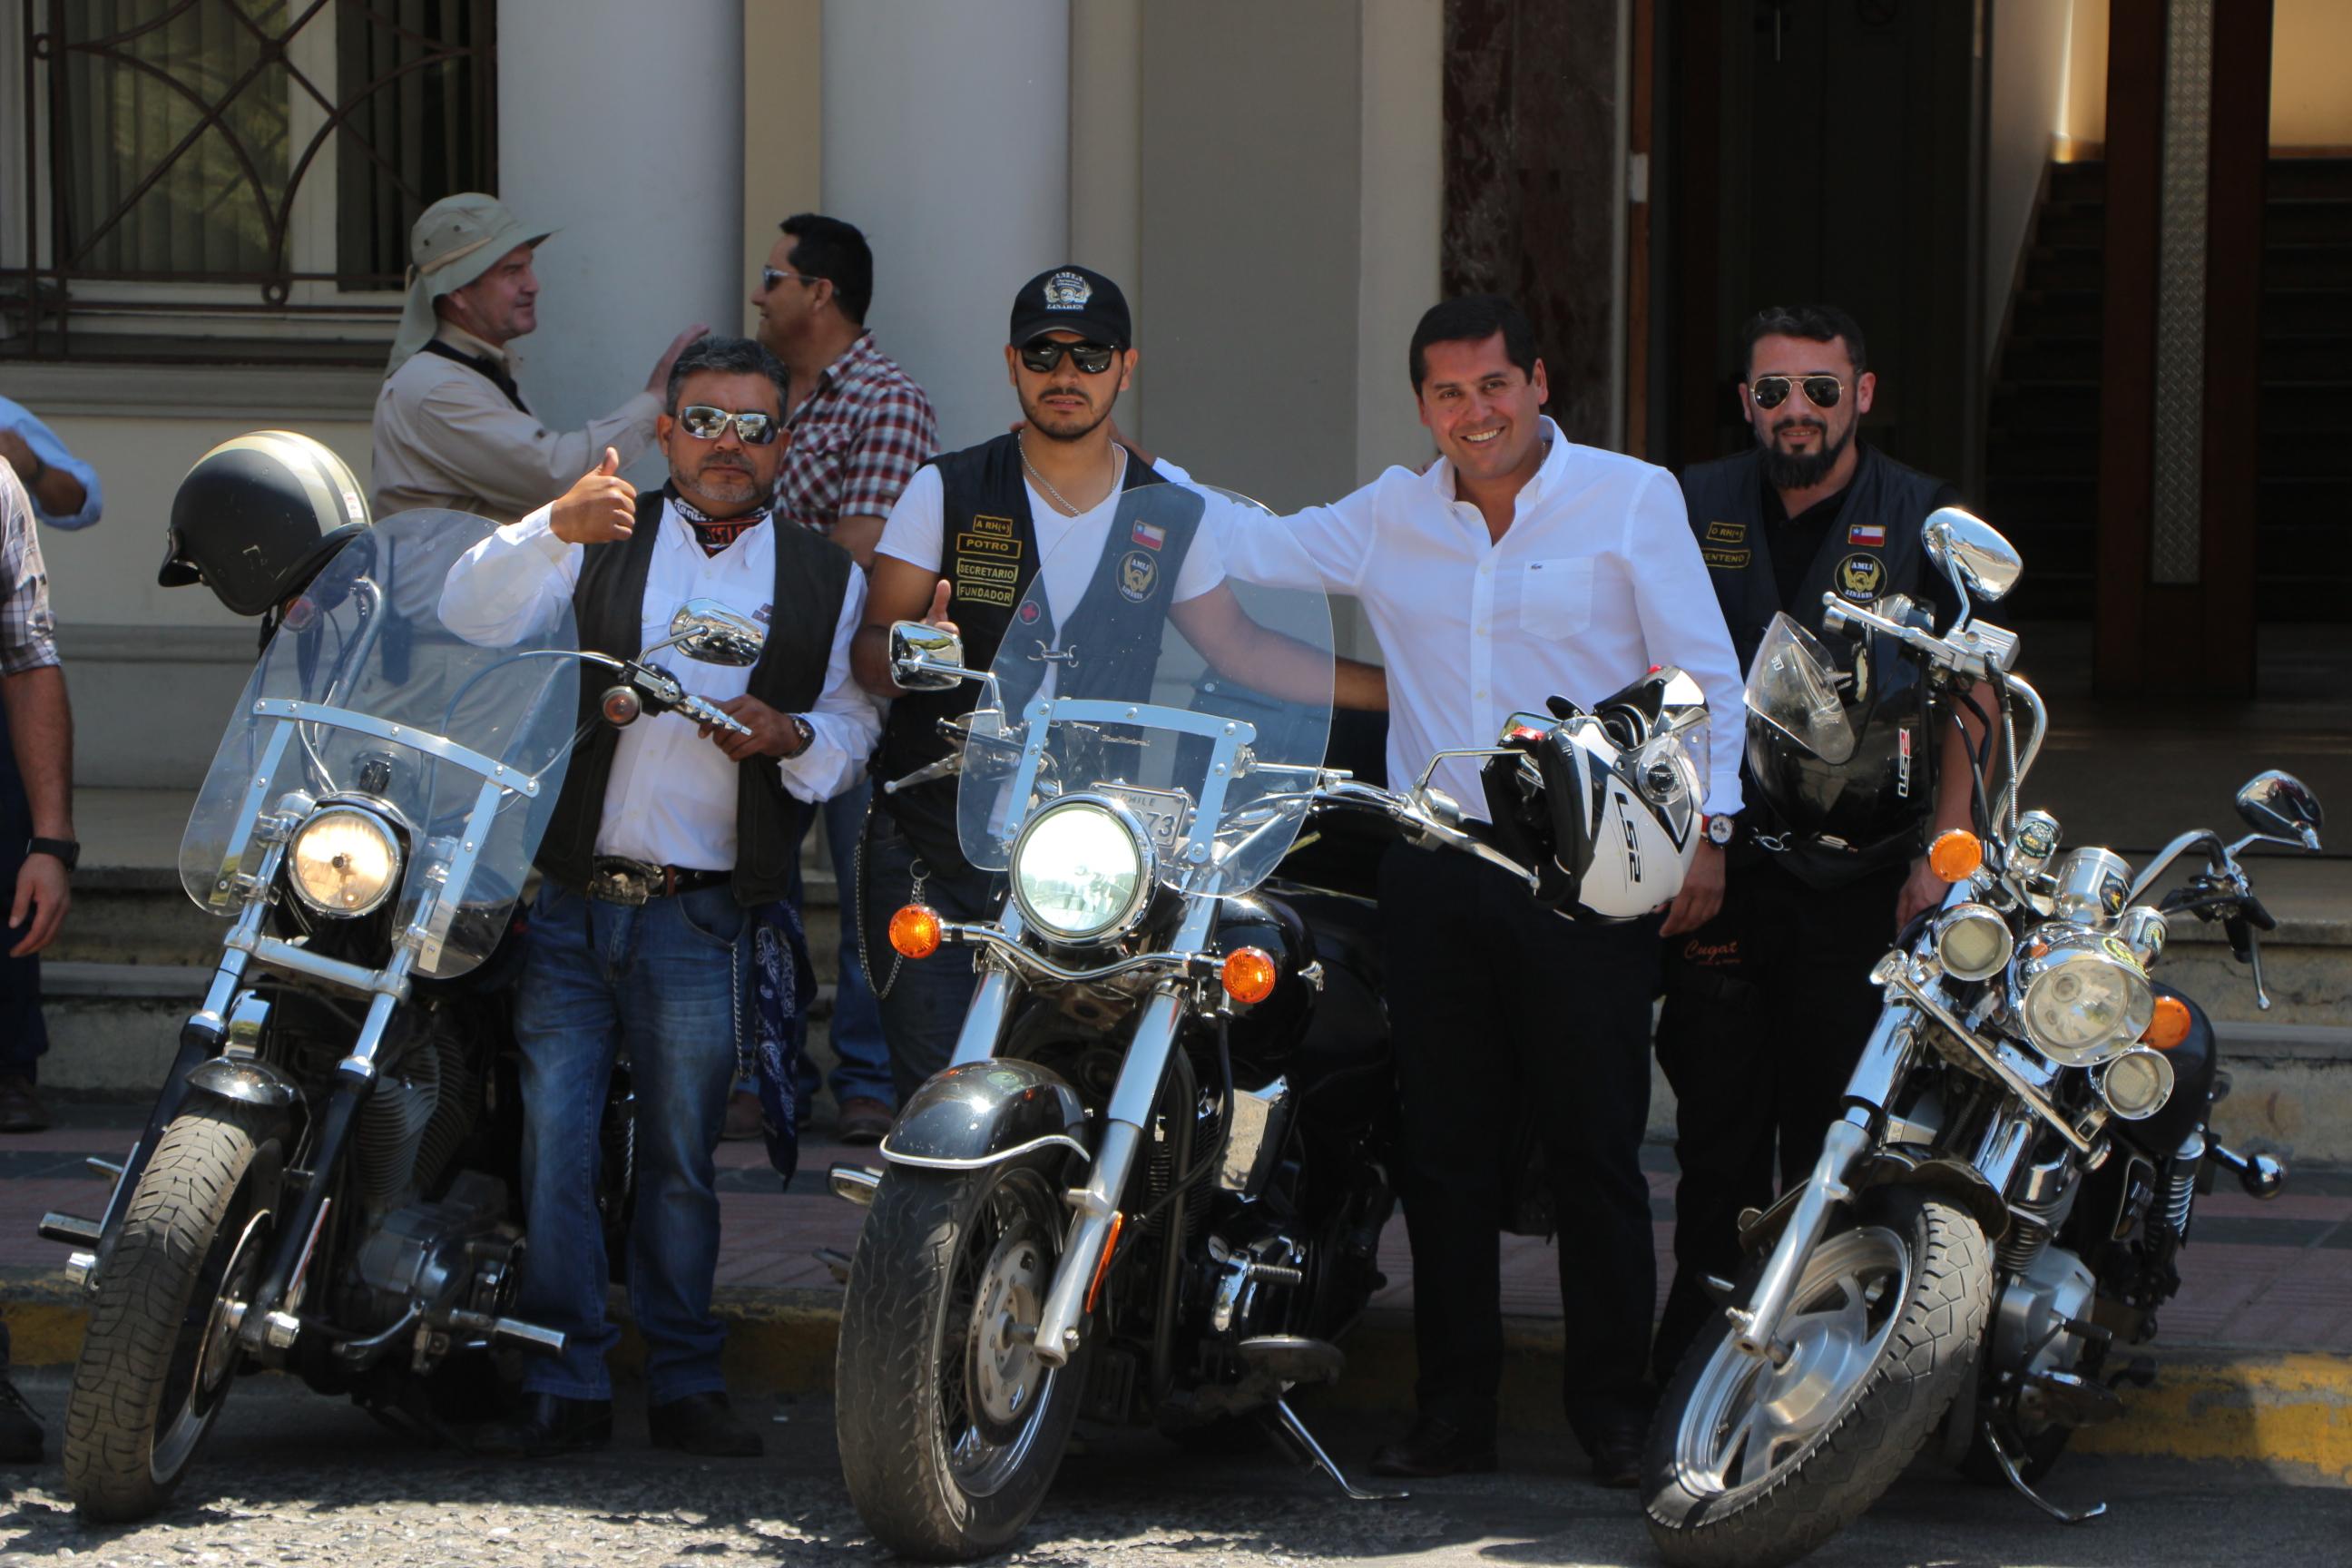 LINARES; Reunión de Motoqueros con invitación a la comunidad